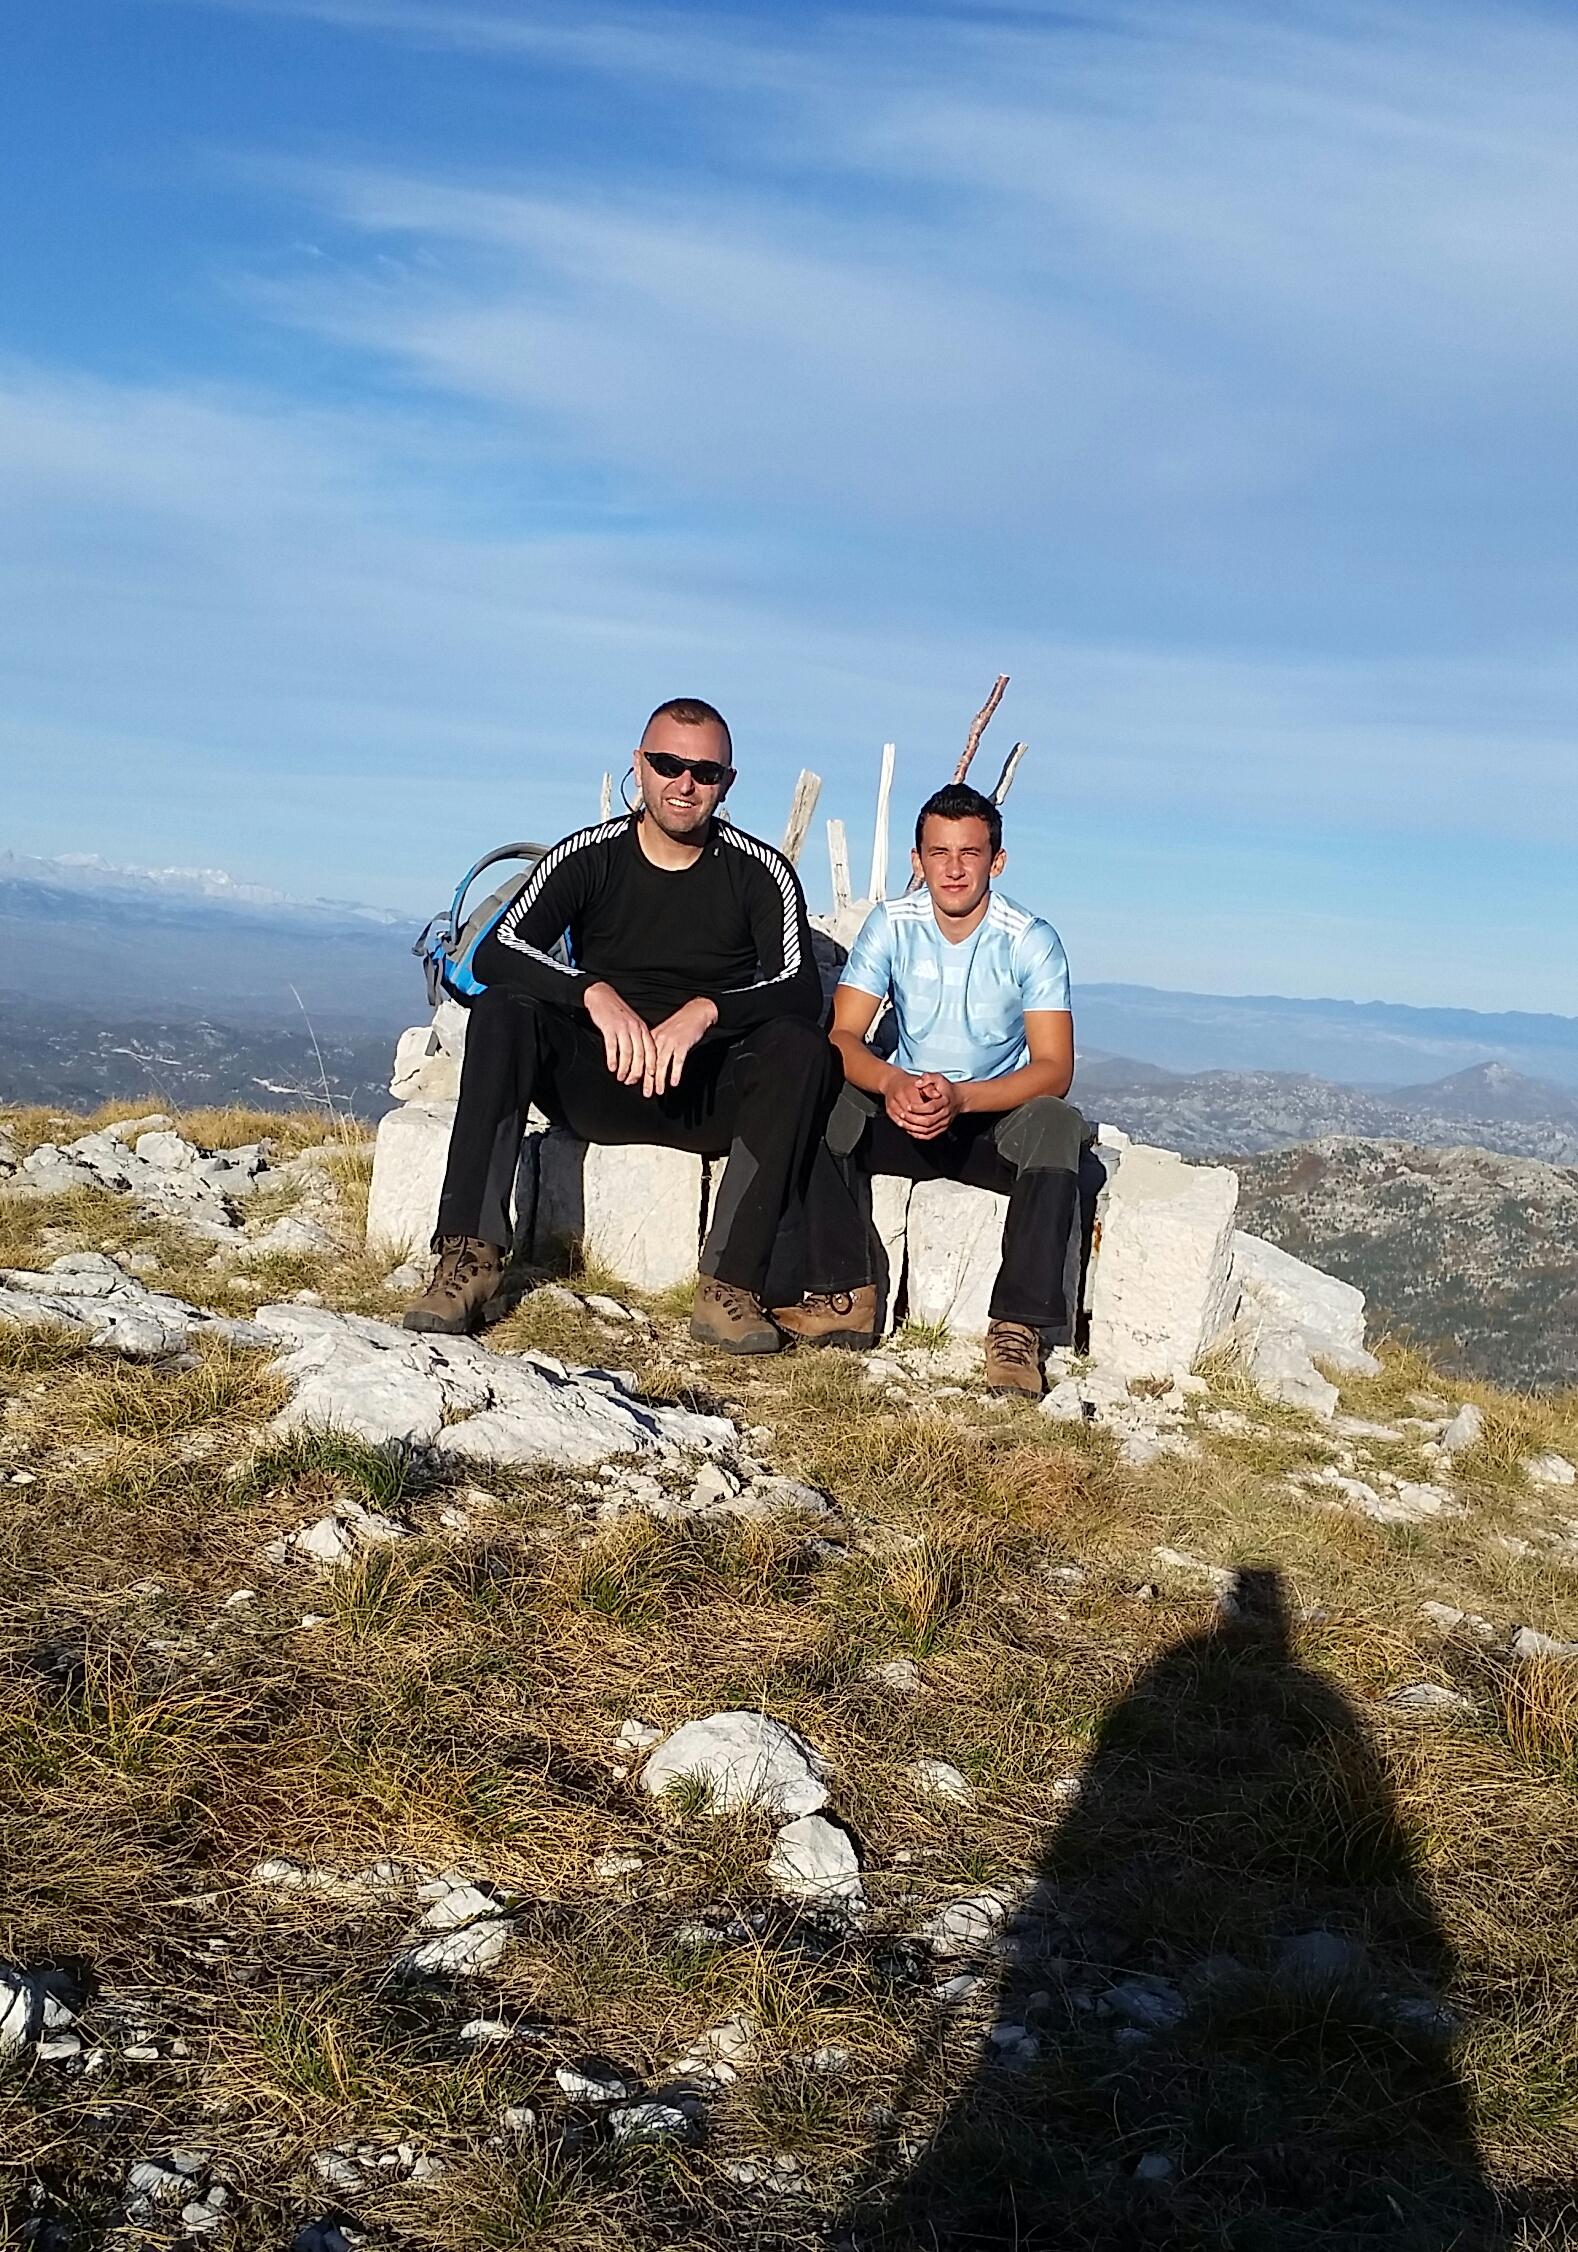 Danko i Miloš su se popeli i na Jastrebicu